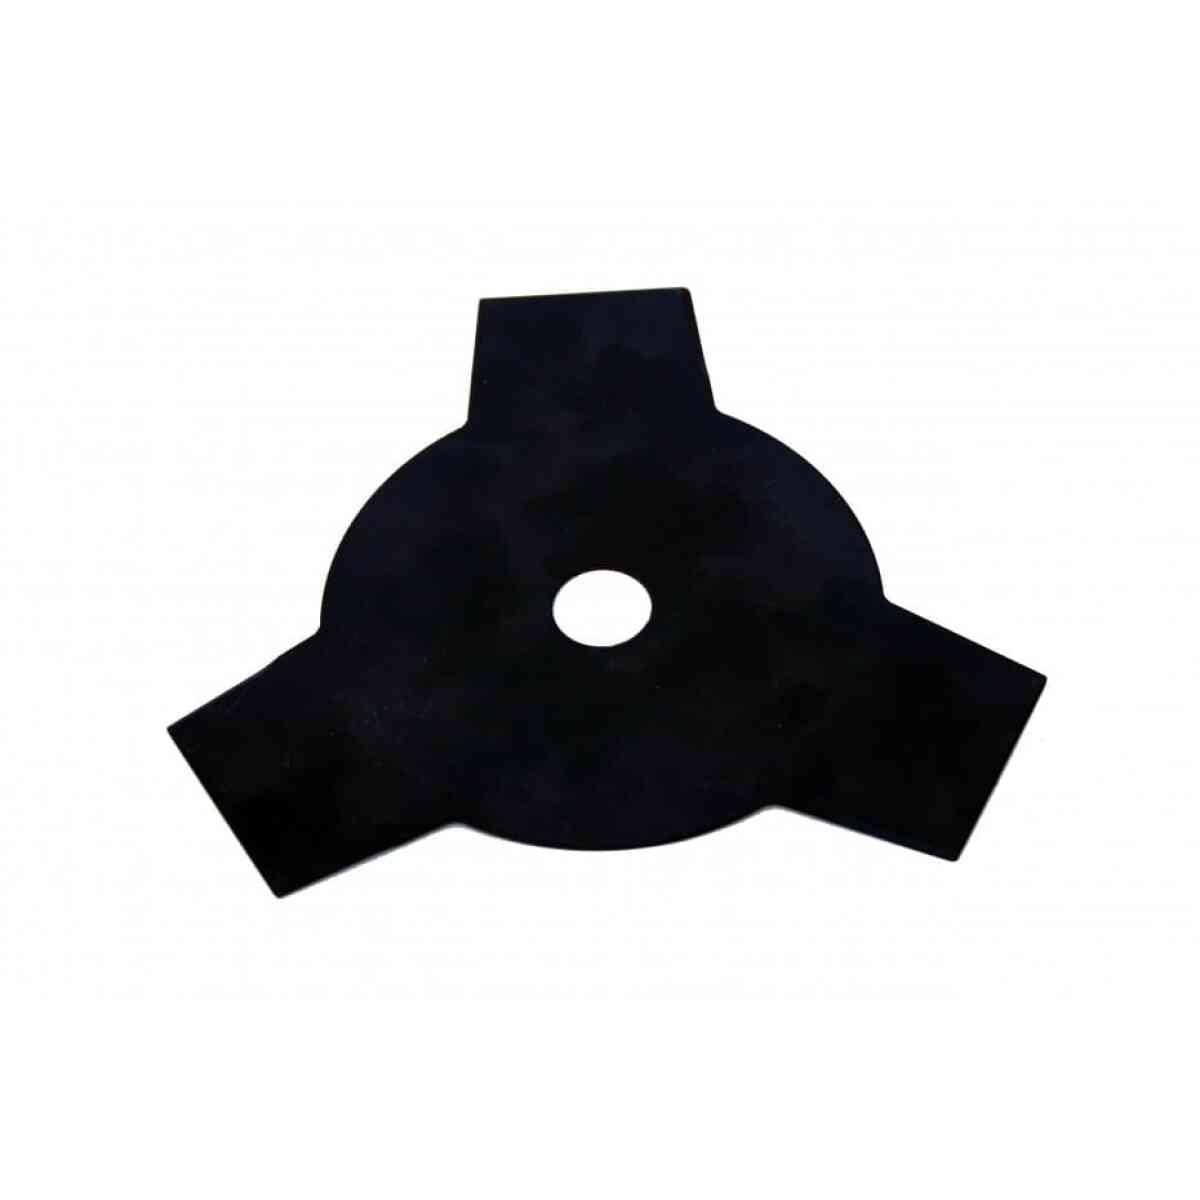 disc 3t 230mm emak padure gardina.ro 33